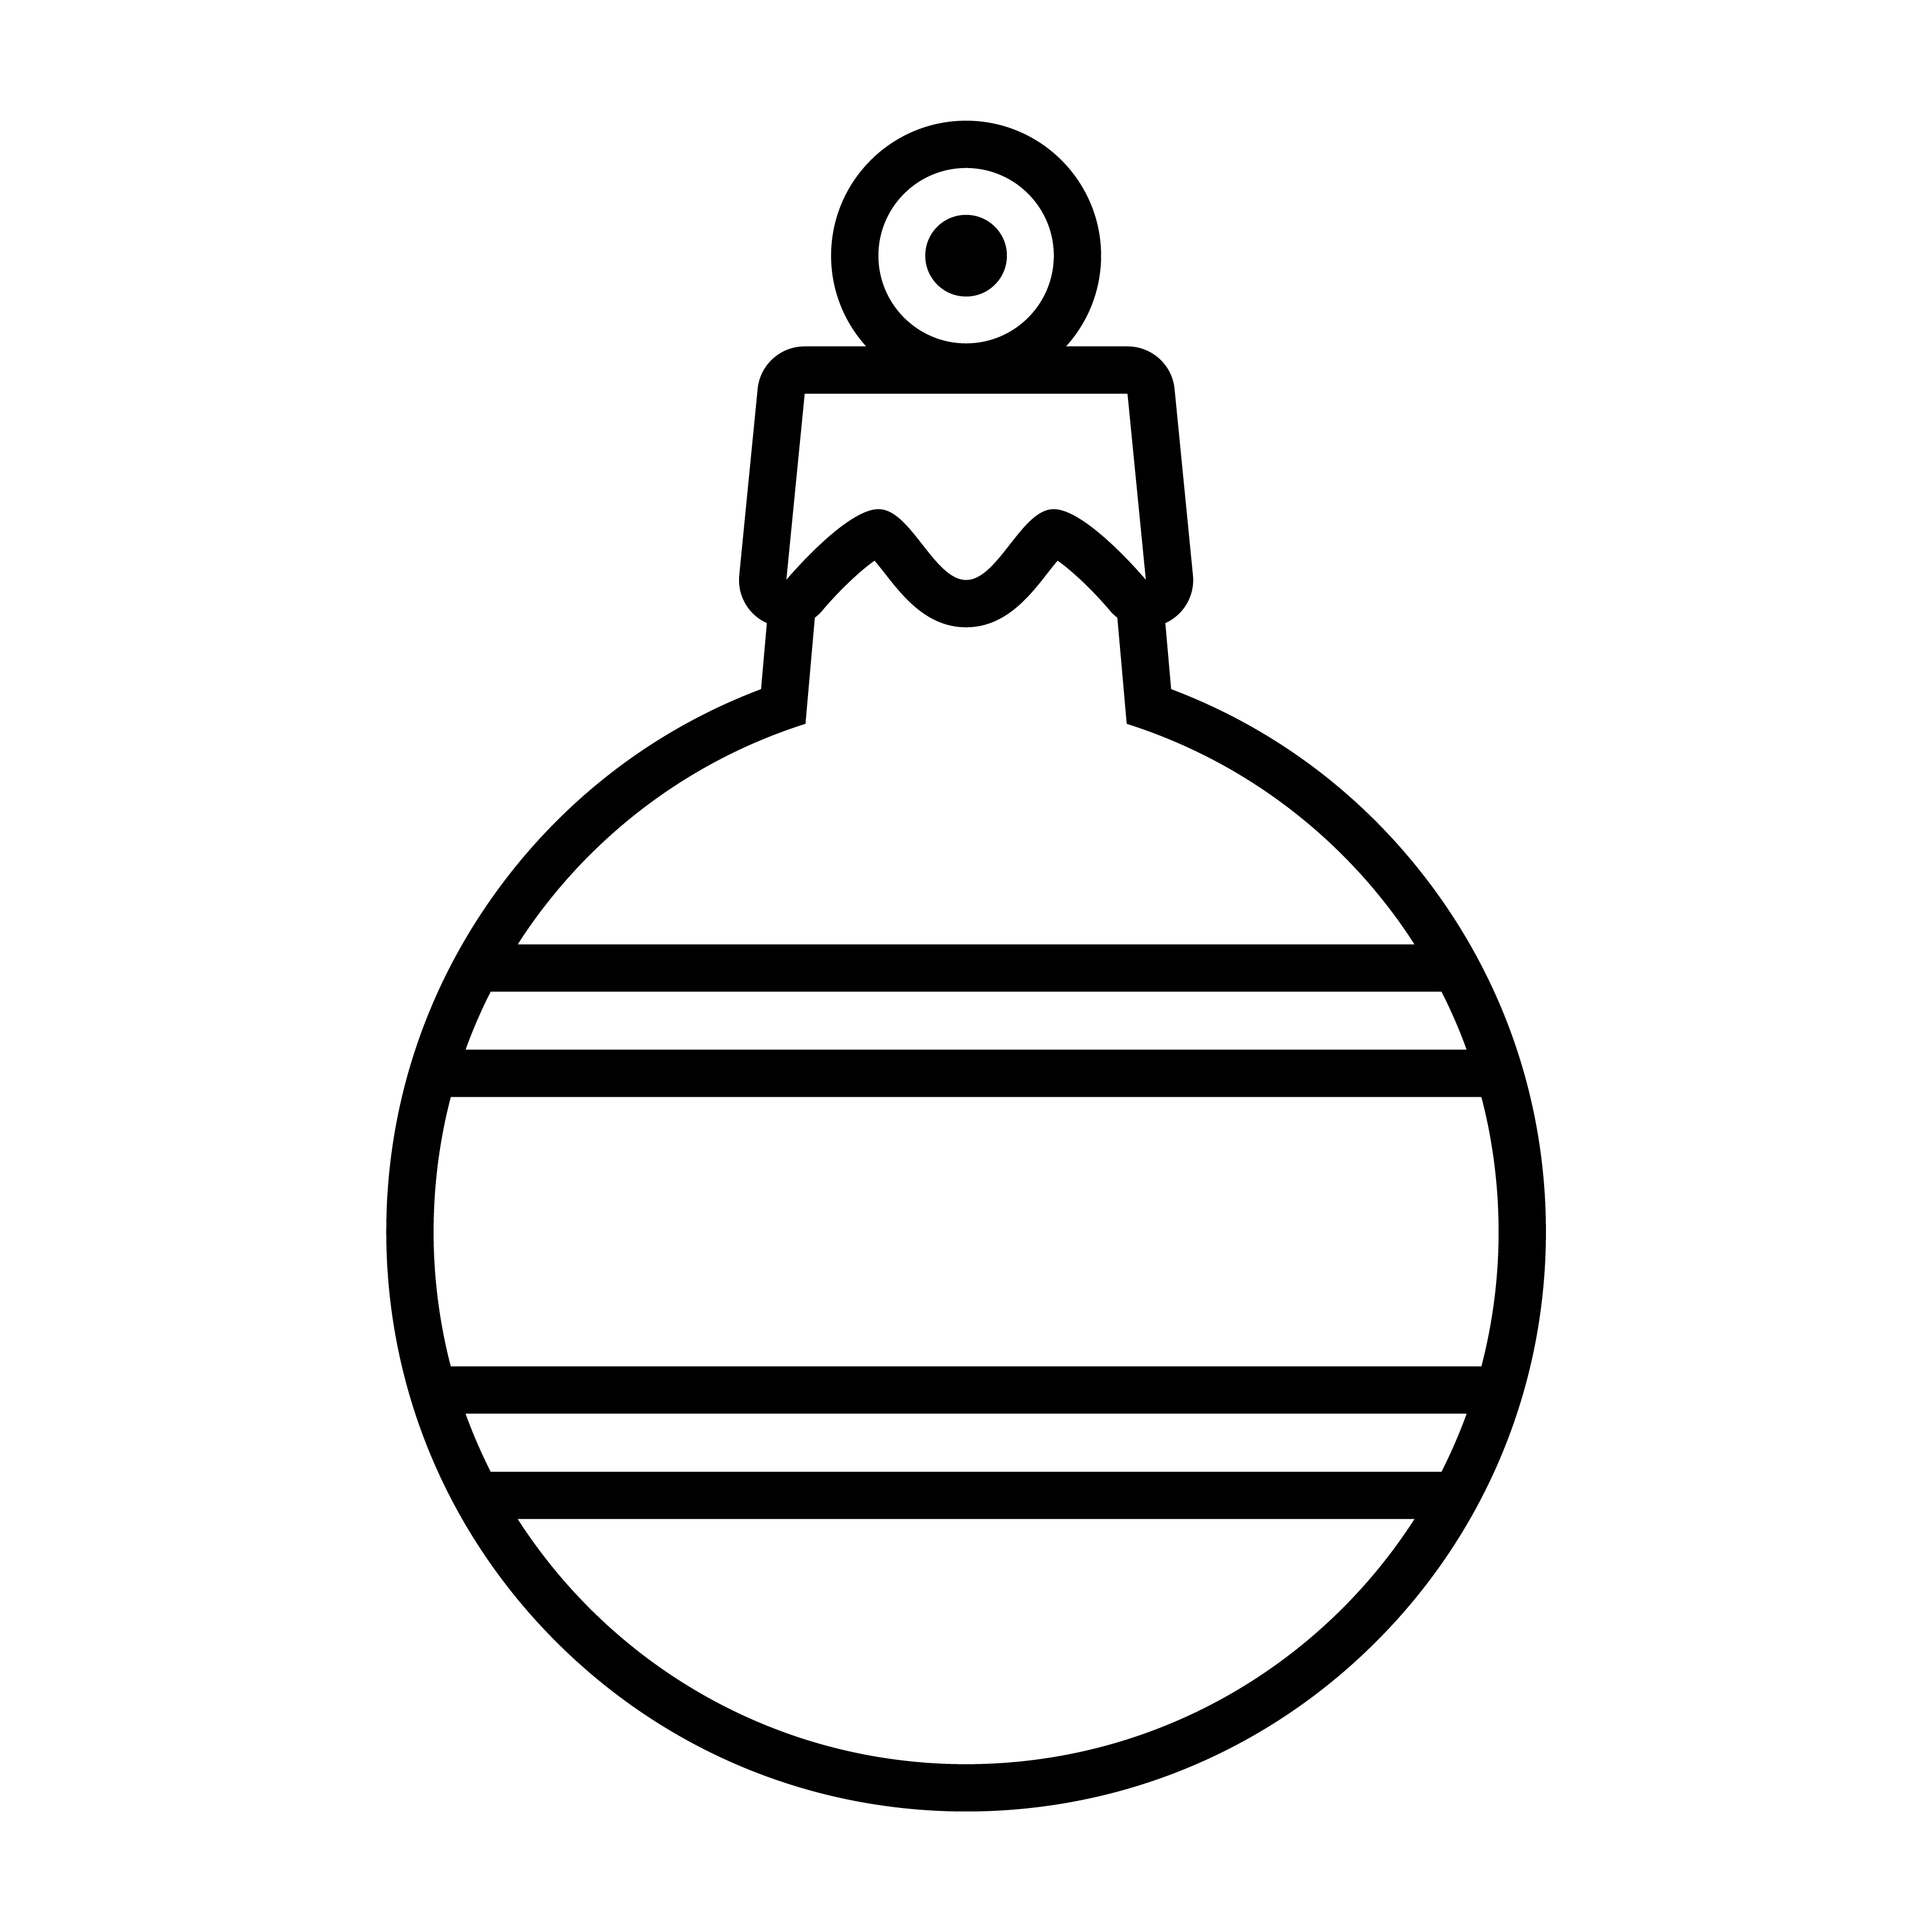 Christmas Ornament - Download Free Vectors, Clipart ...